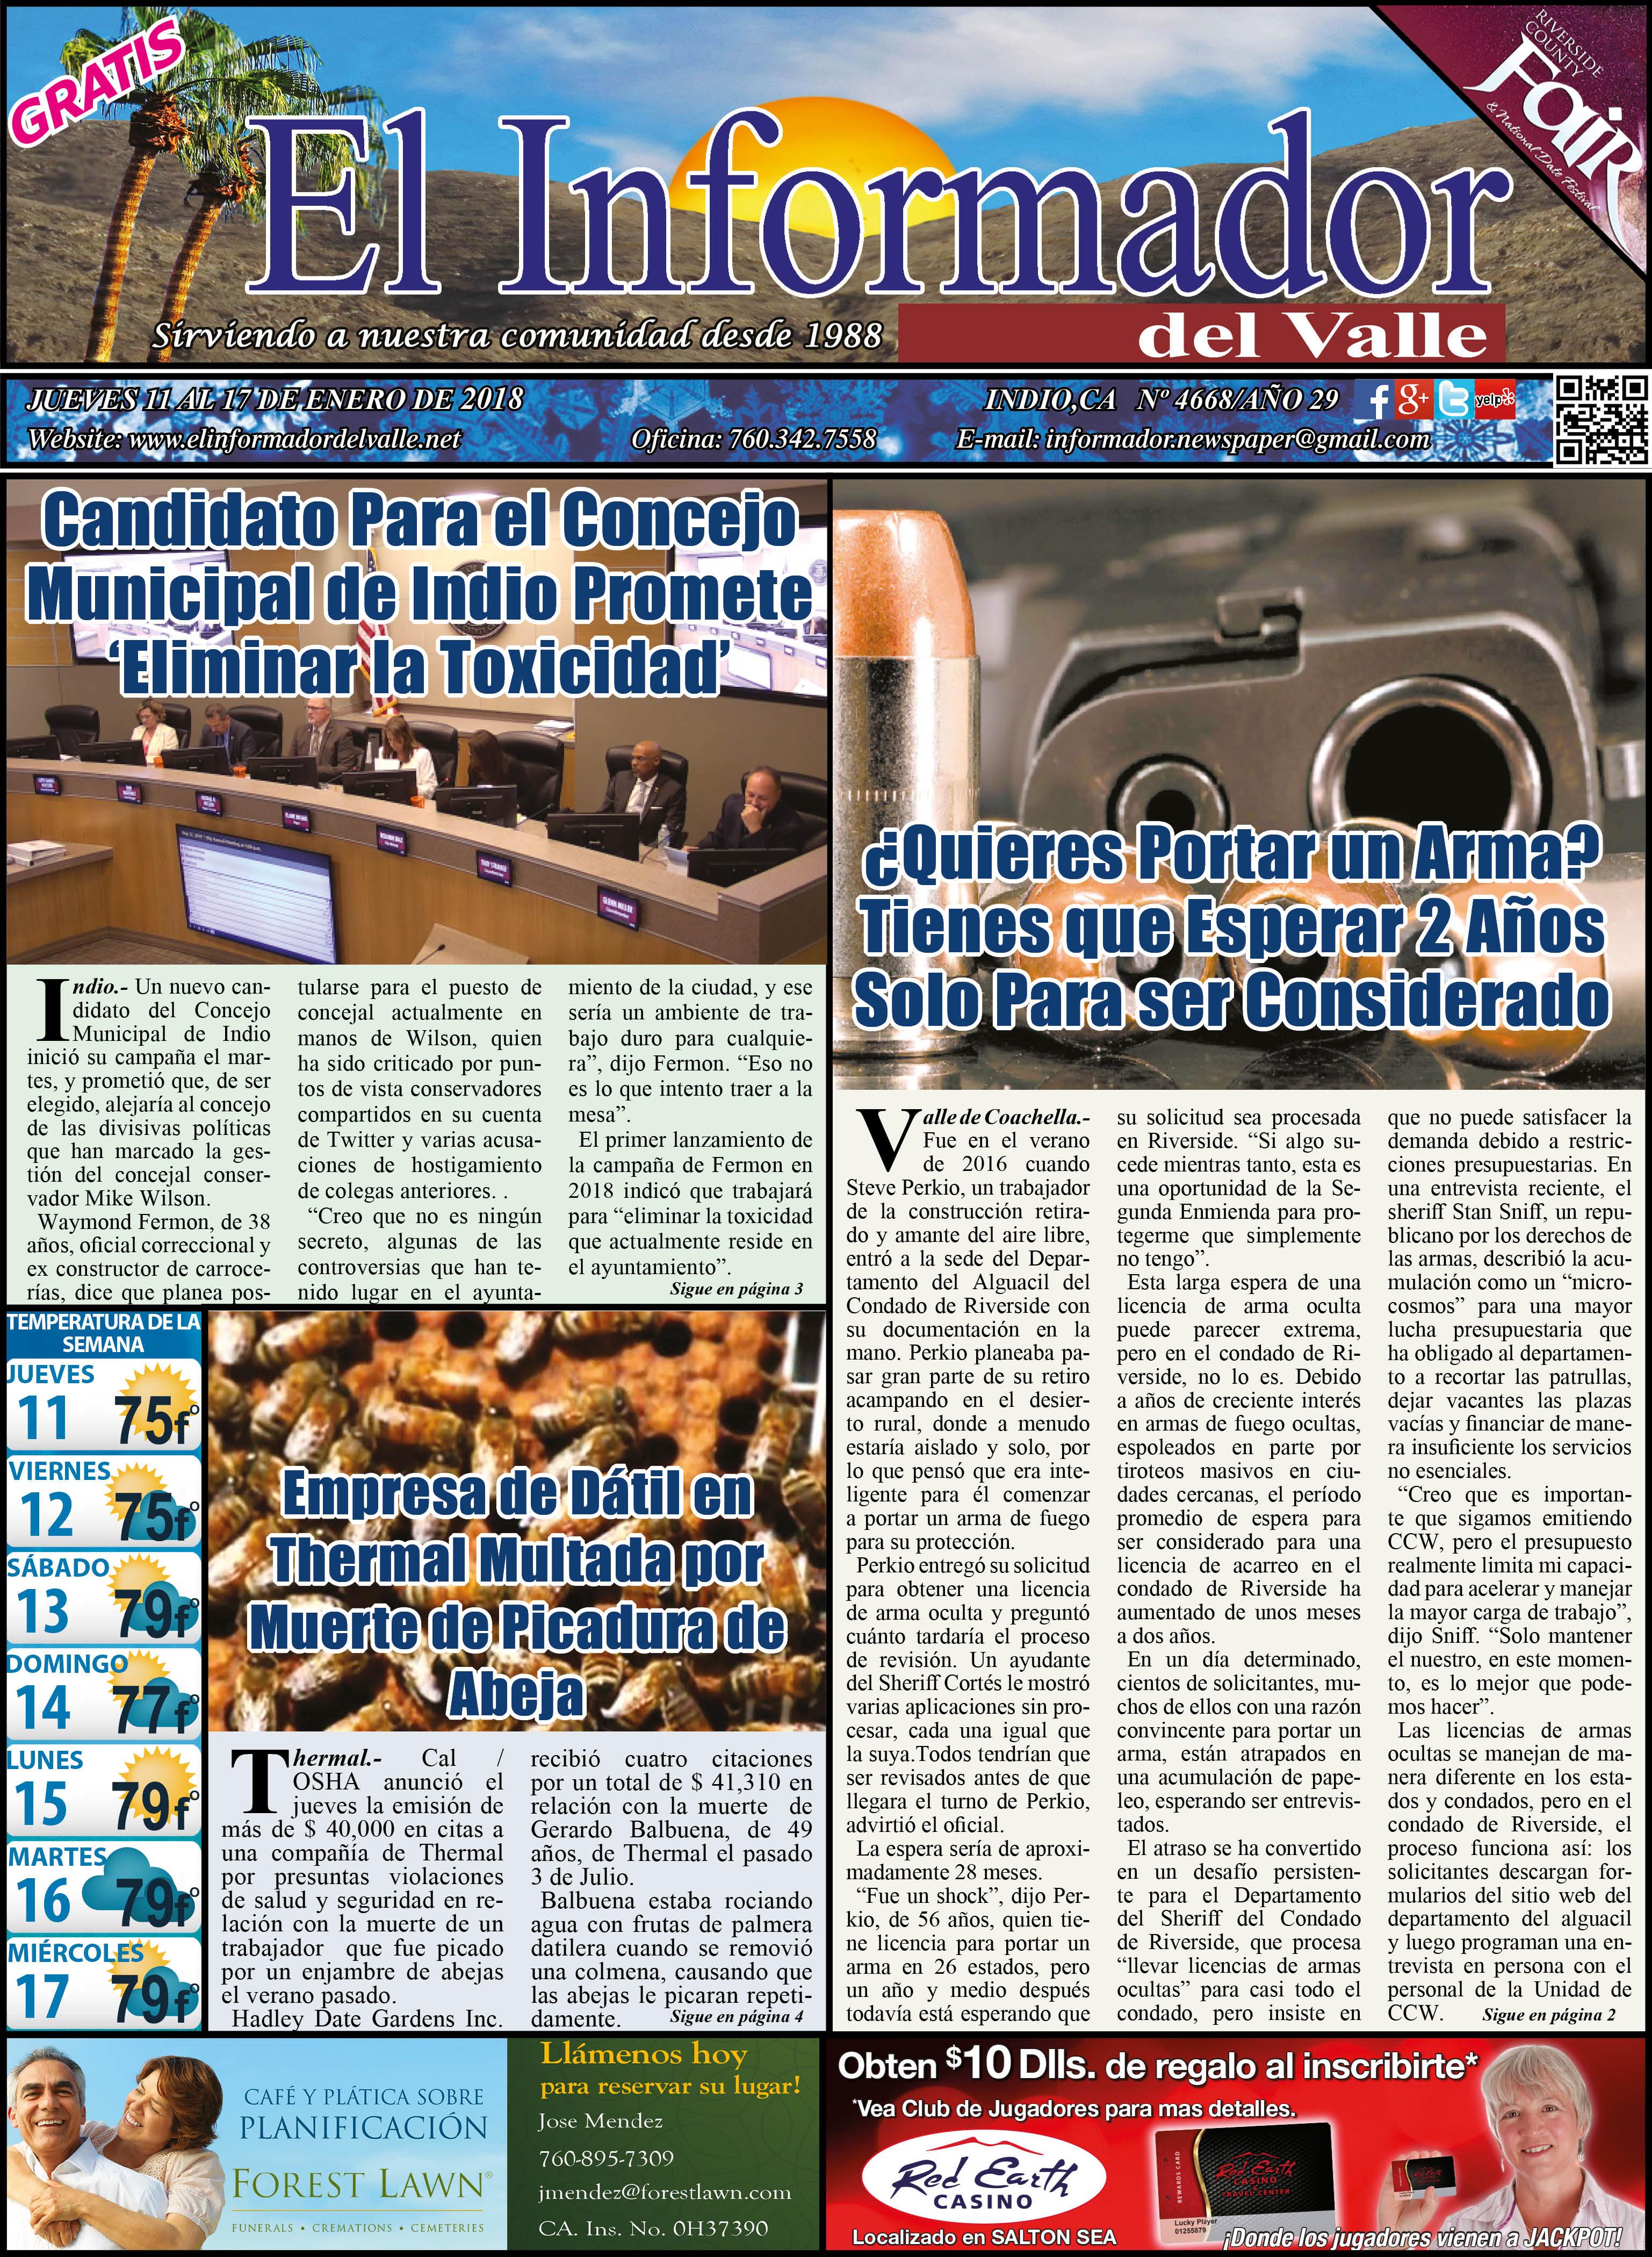 EL INFORMADOR DEL VALLE 01-11-2018